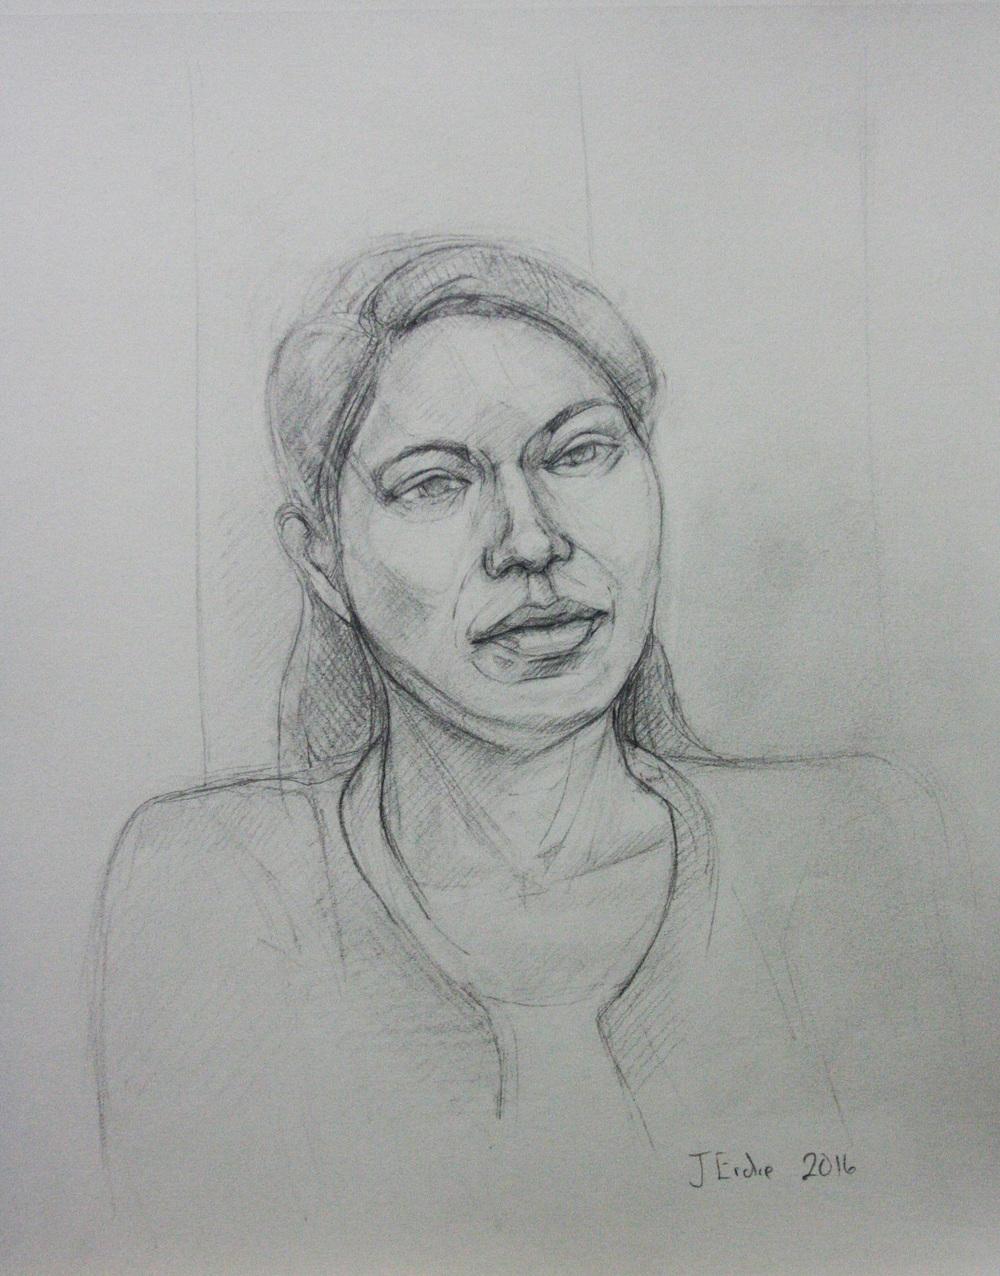 Jeff Erdie did this 3-hour pencil drawing.